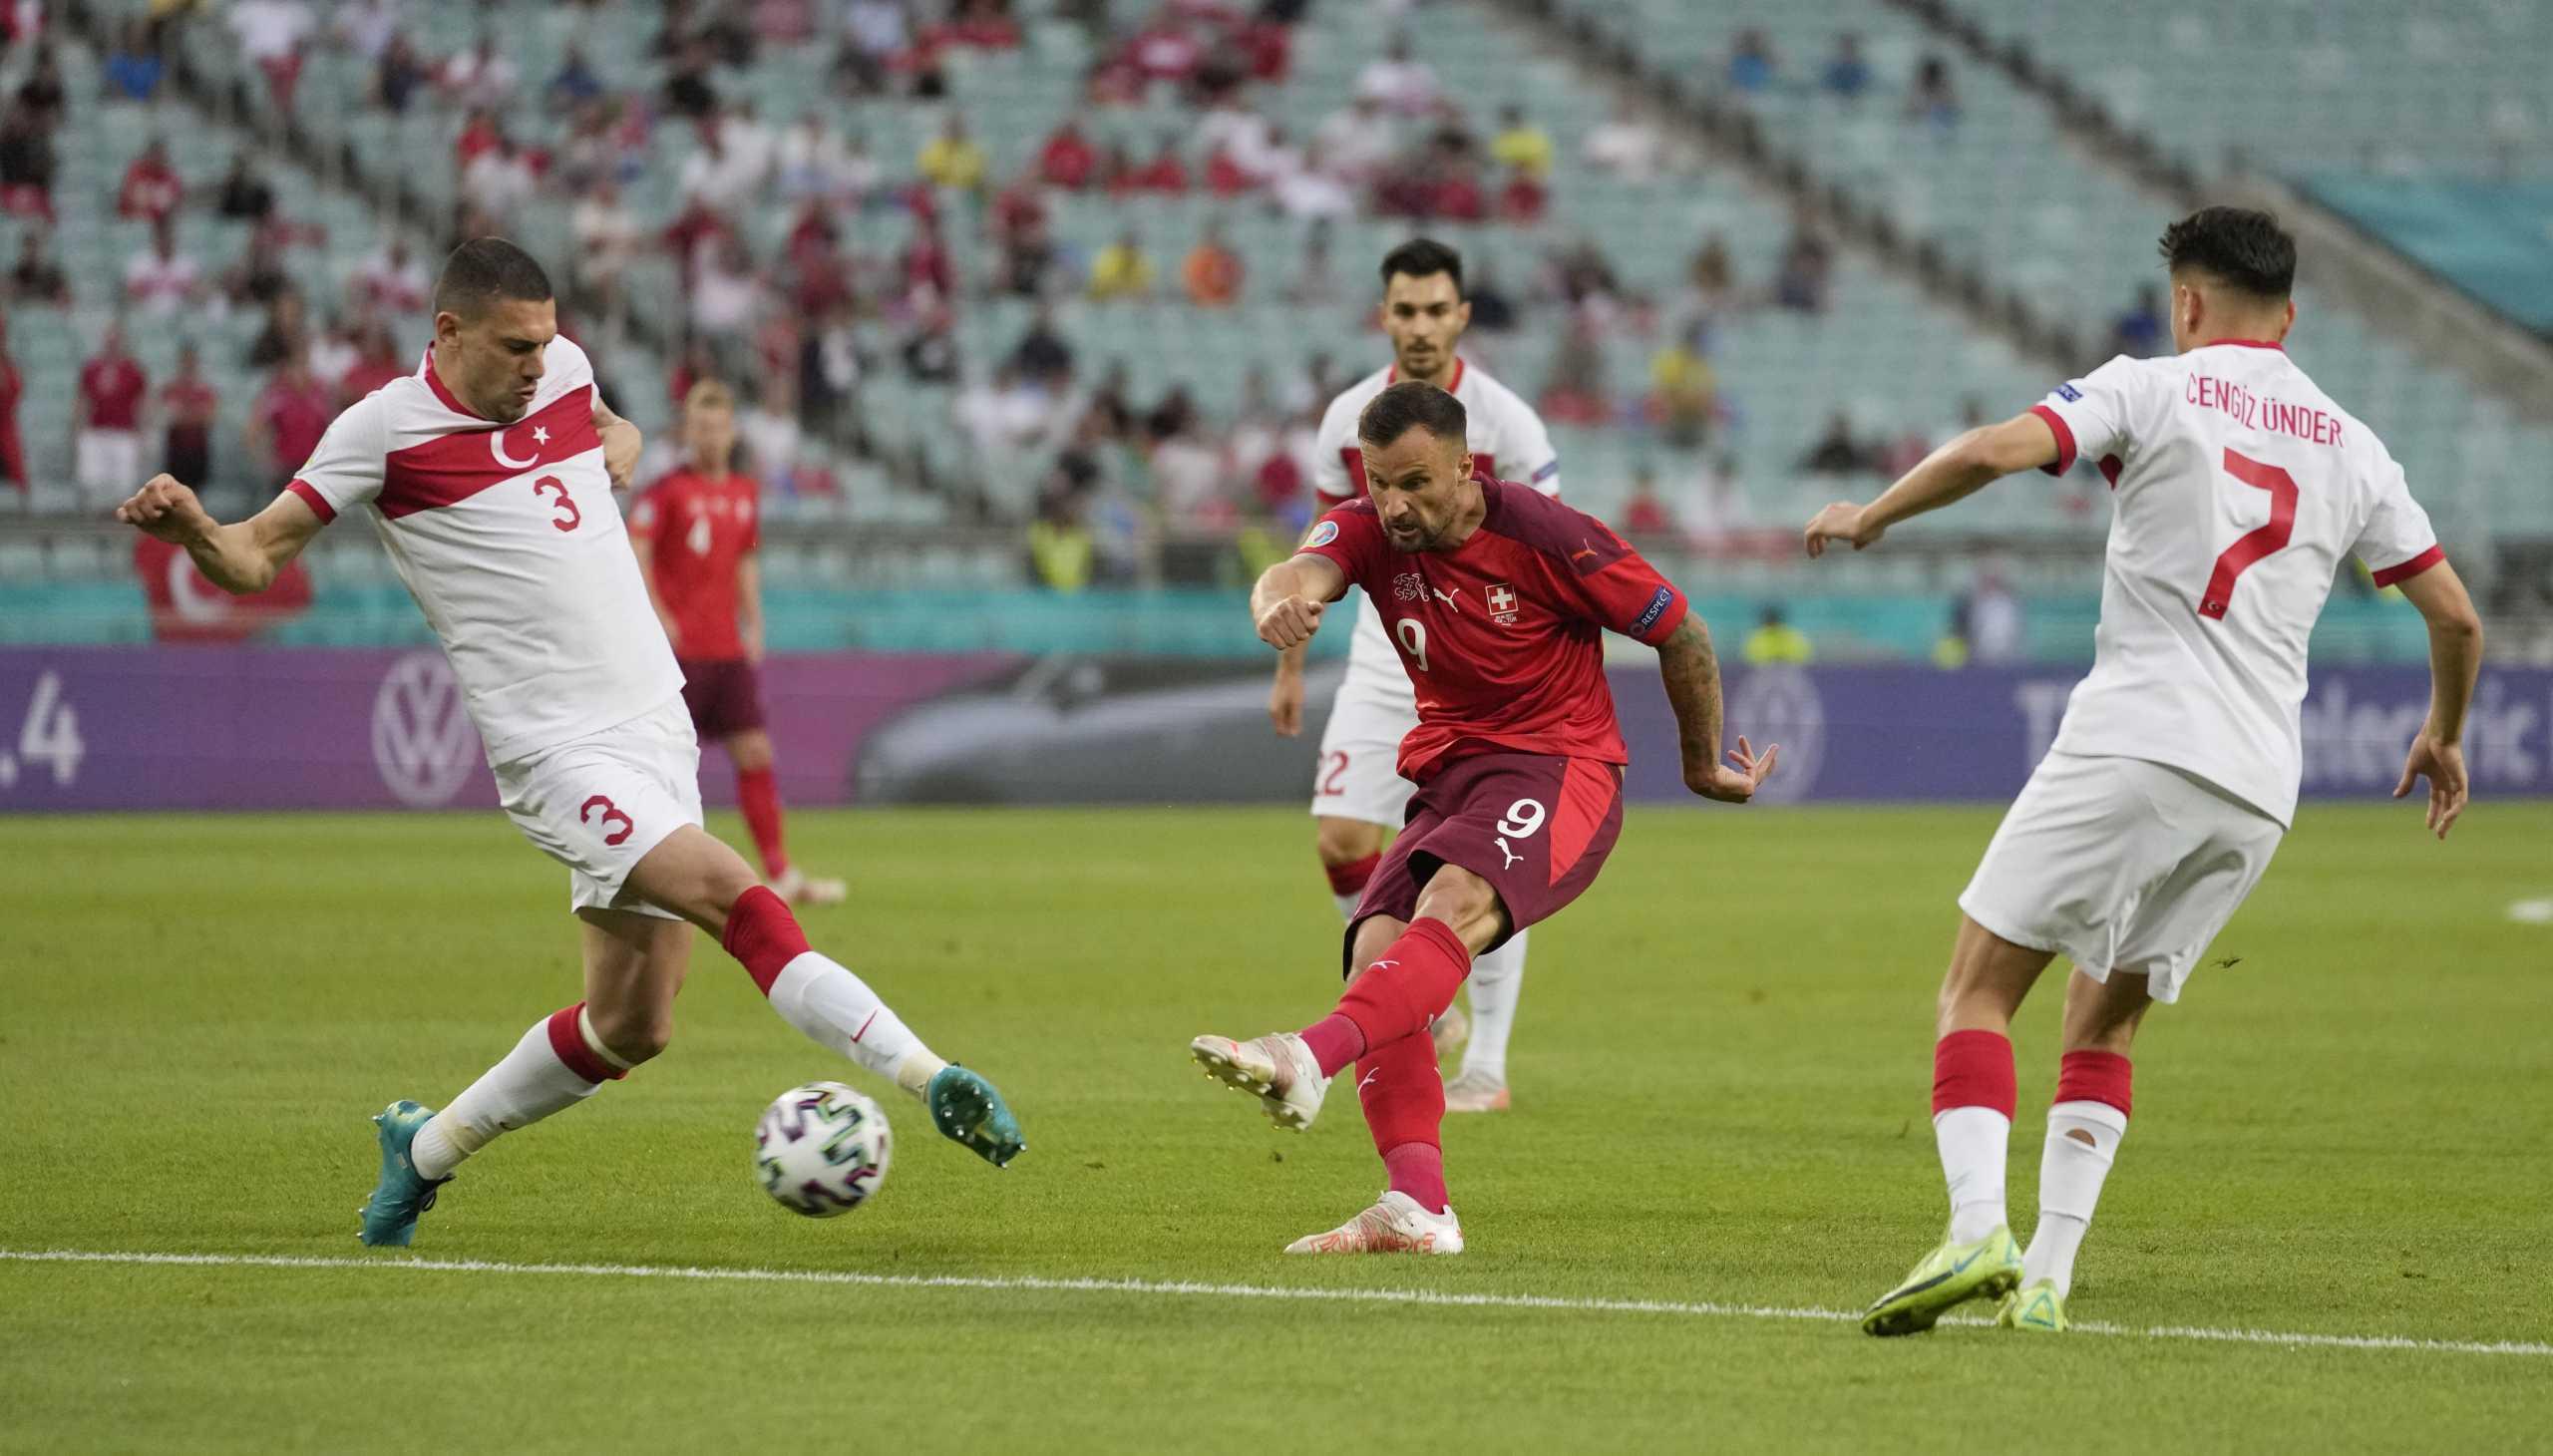 Euro 2020: Ιταλία – Ουαλία 1-0 και Ελβετία – Τουρκία 3-1 ΤΕΛΙΚΑ!